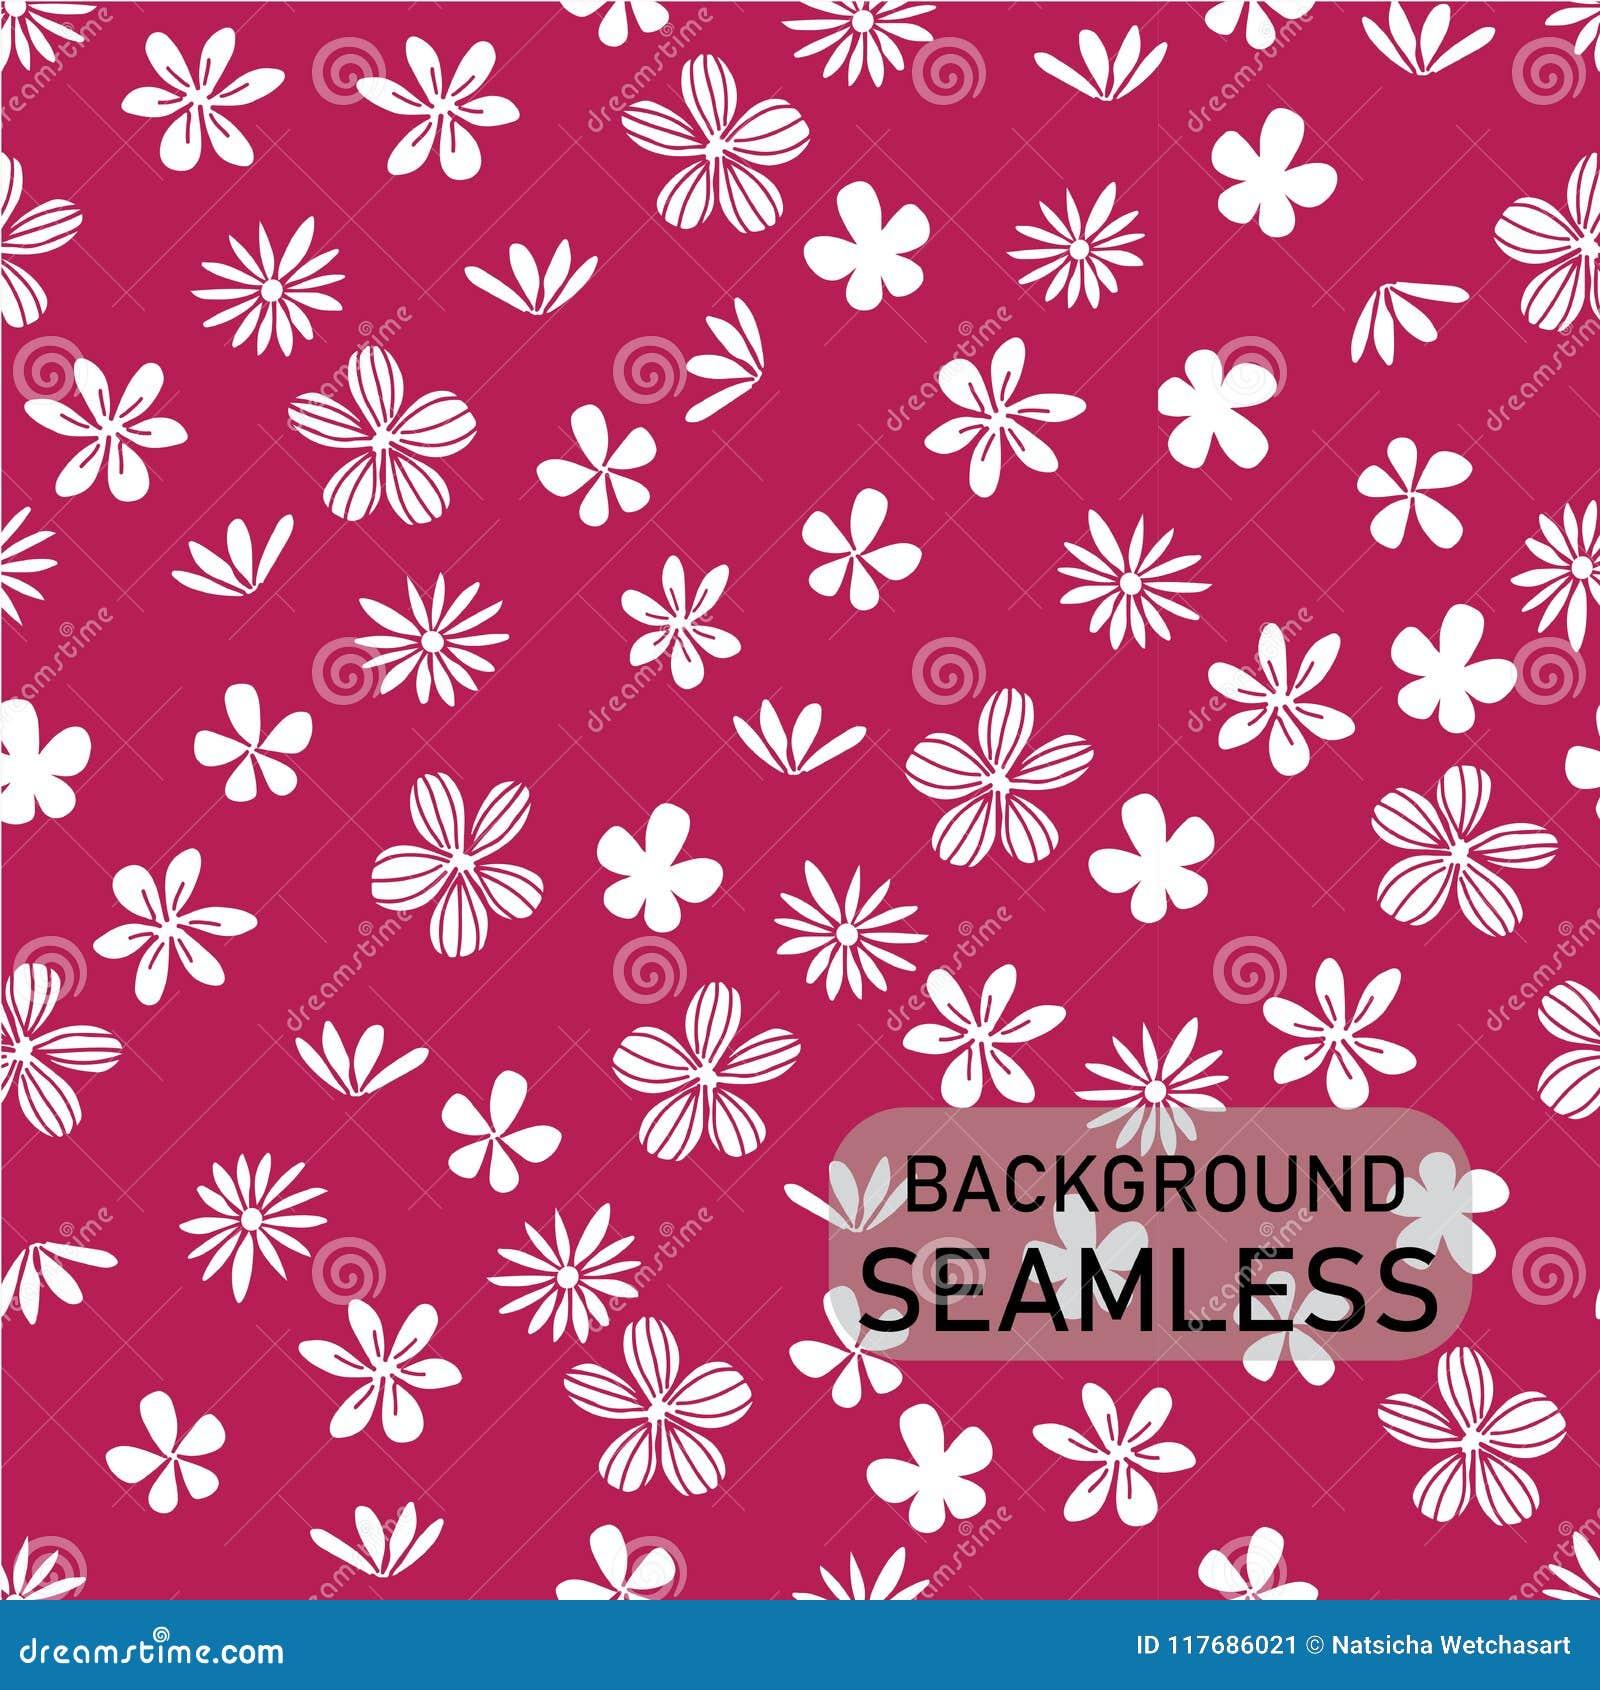 Vectorkrabbel witte bloemen op heldere roze achtergrond, uitstekende stijl, naadloze achtergrond